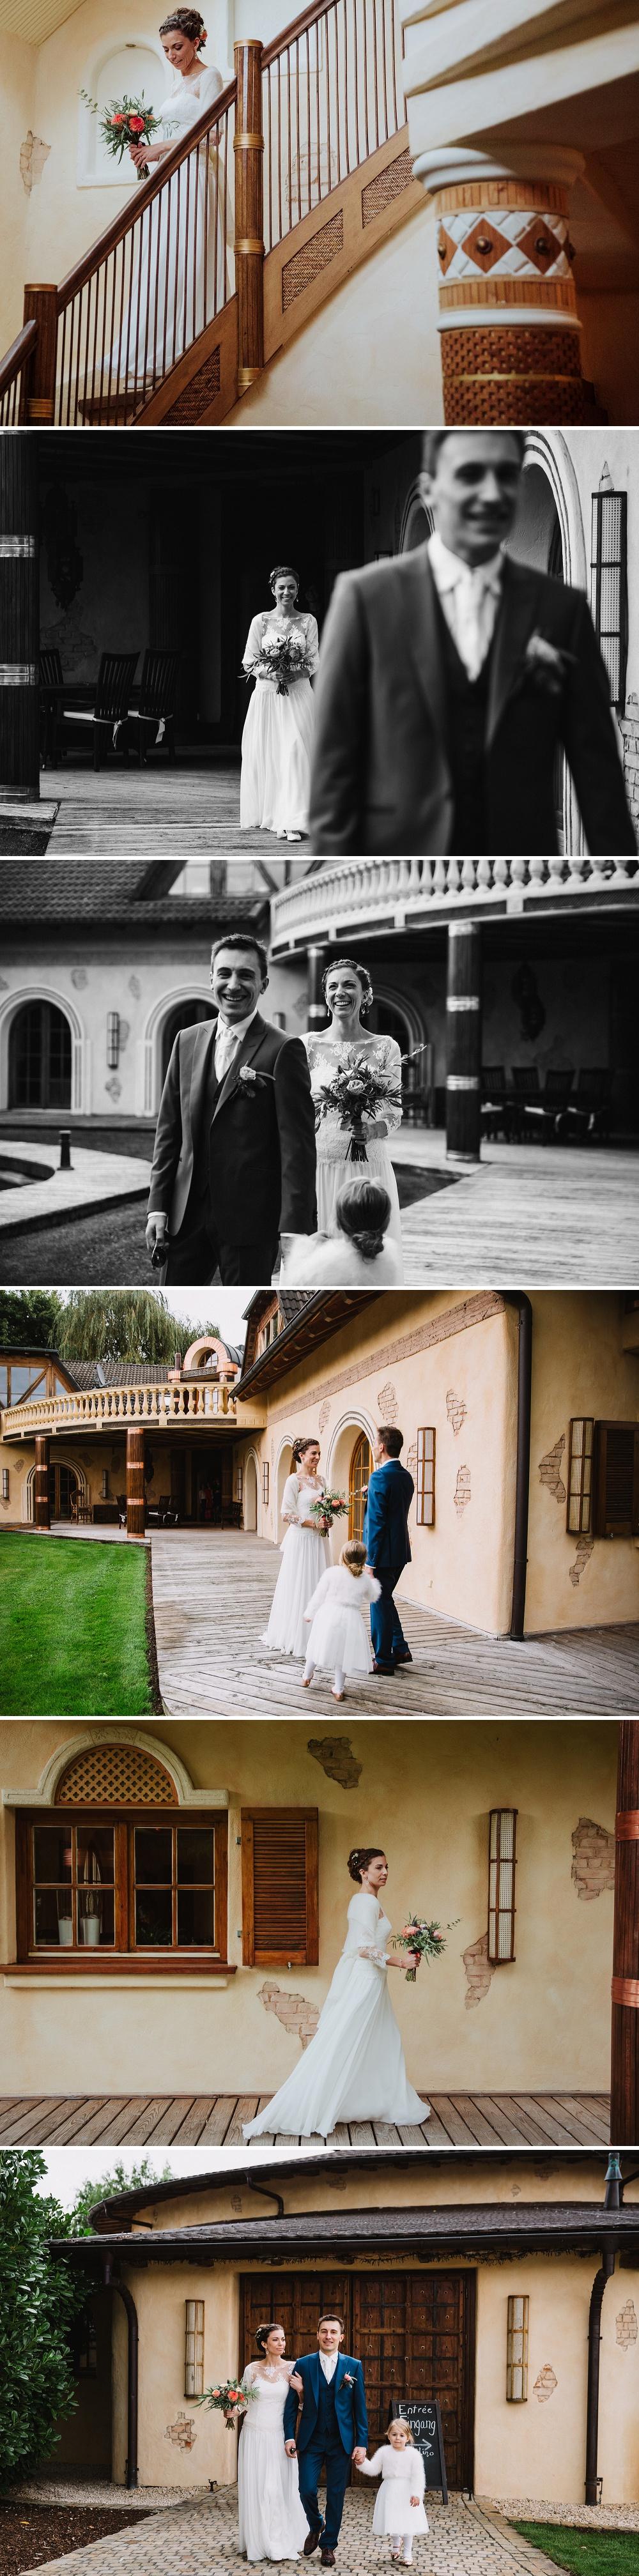 mariage-allemagne-molino-06.jpg